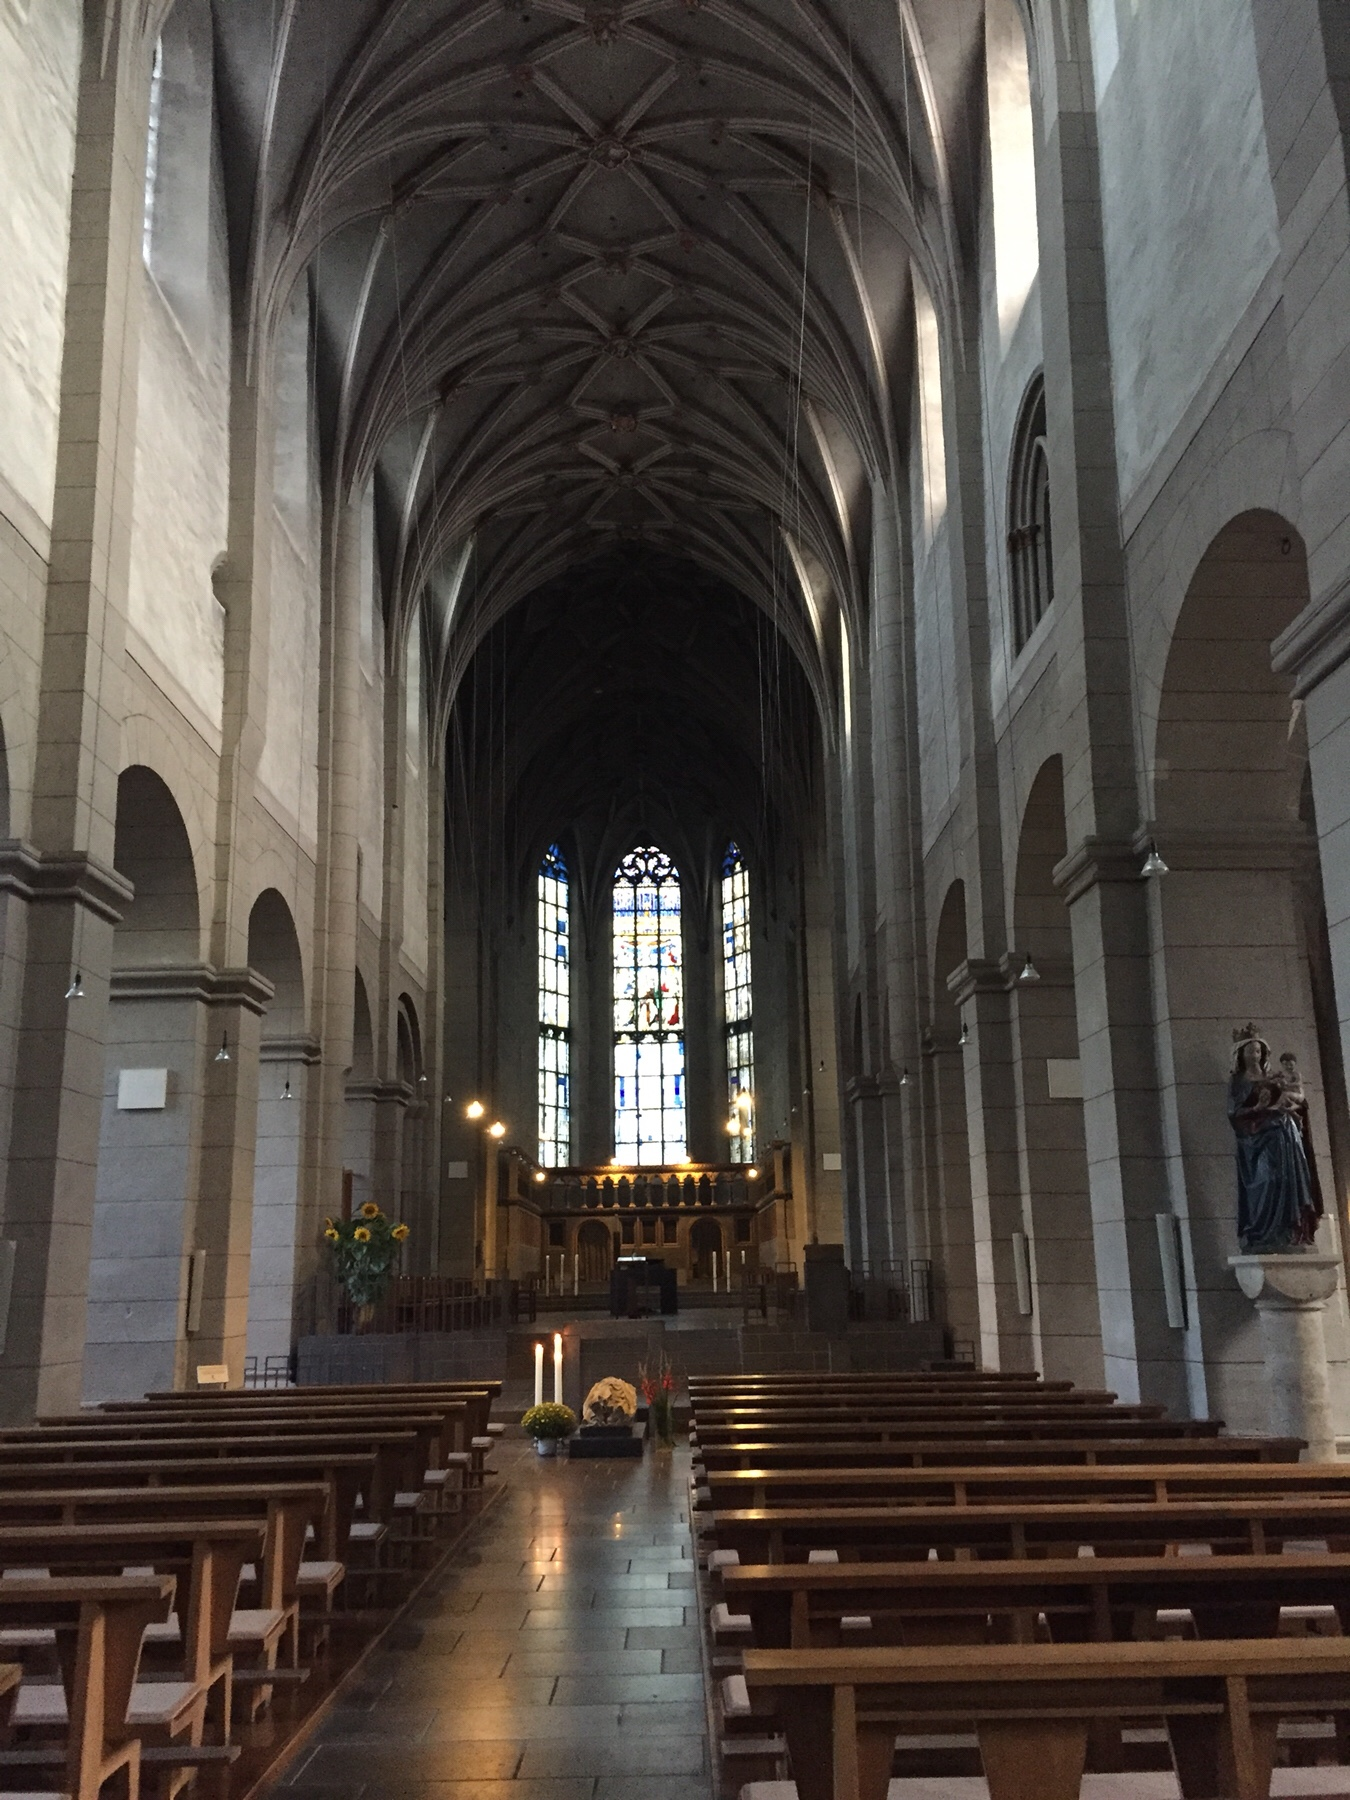 Abtei St. Matthias in Trier